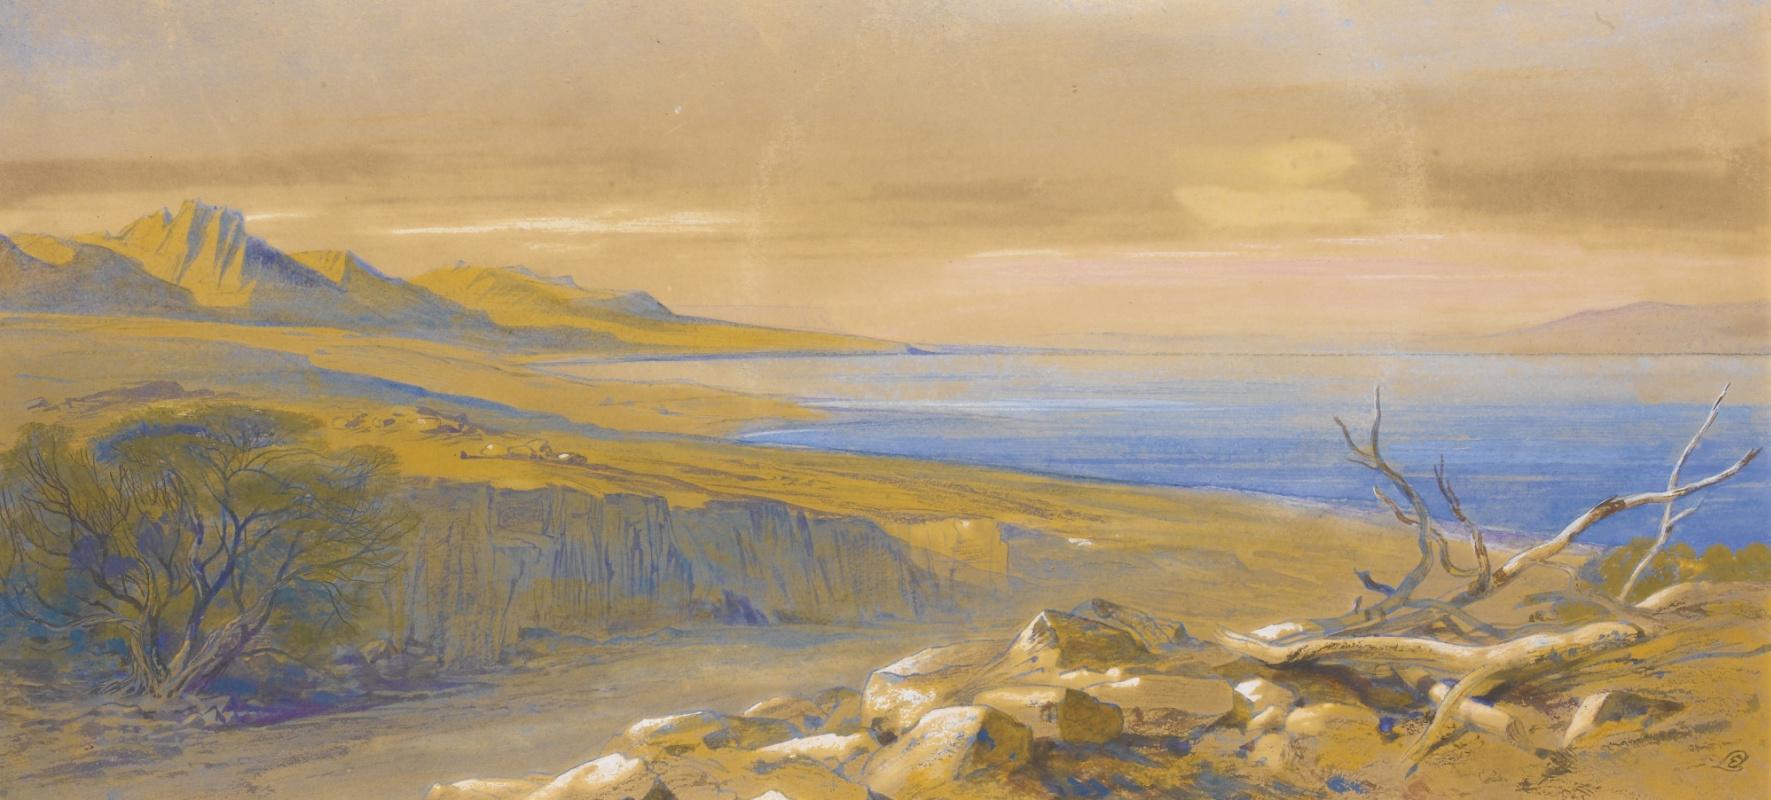 Эдвард Лир. Dead Sea, Jordan